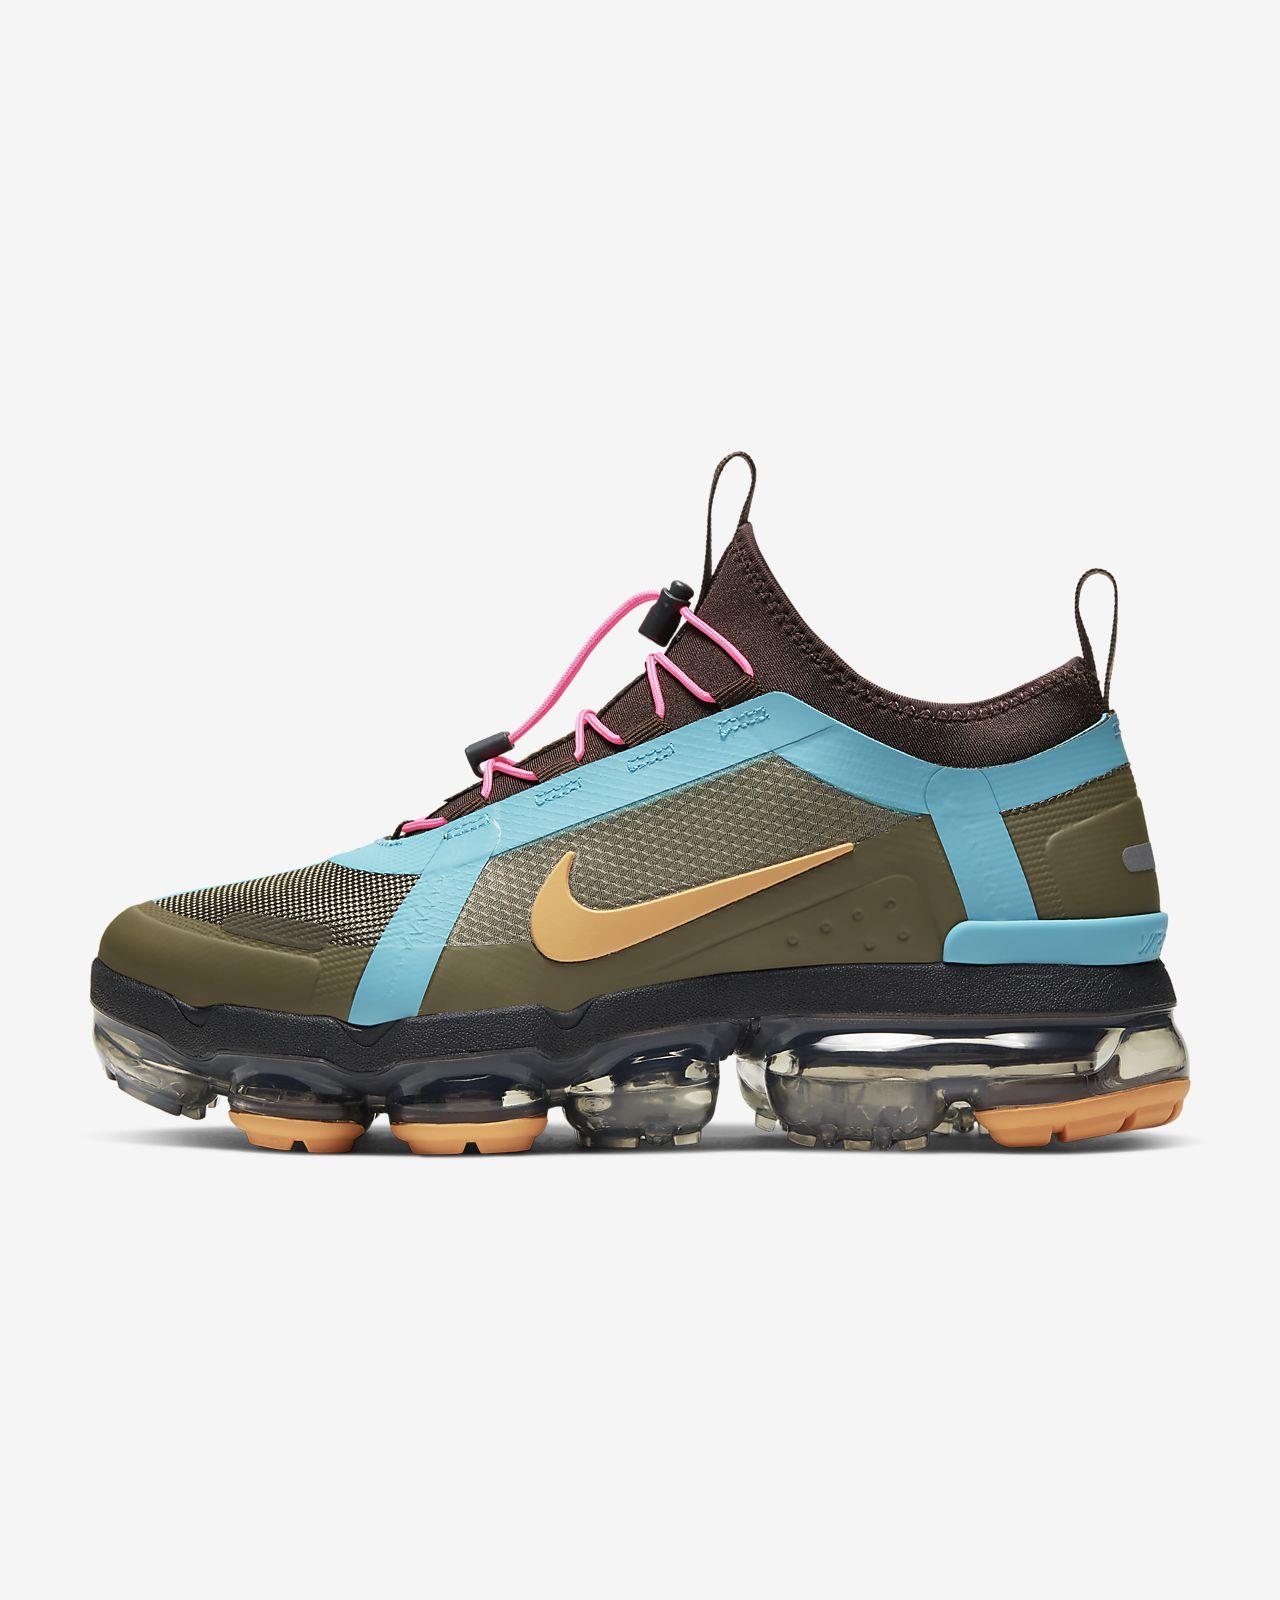 Γυναικείο παπούτσι Nike Air VaporMax 2019 Utility